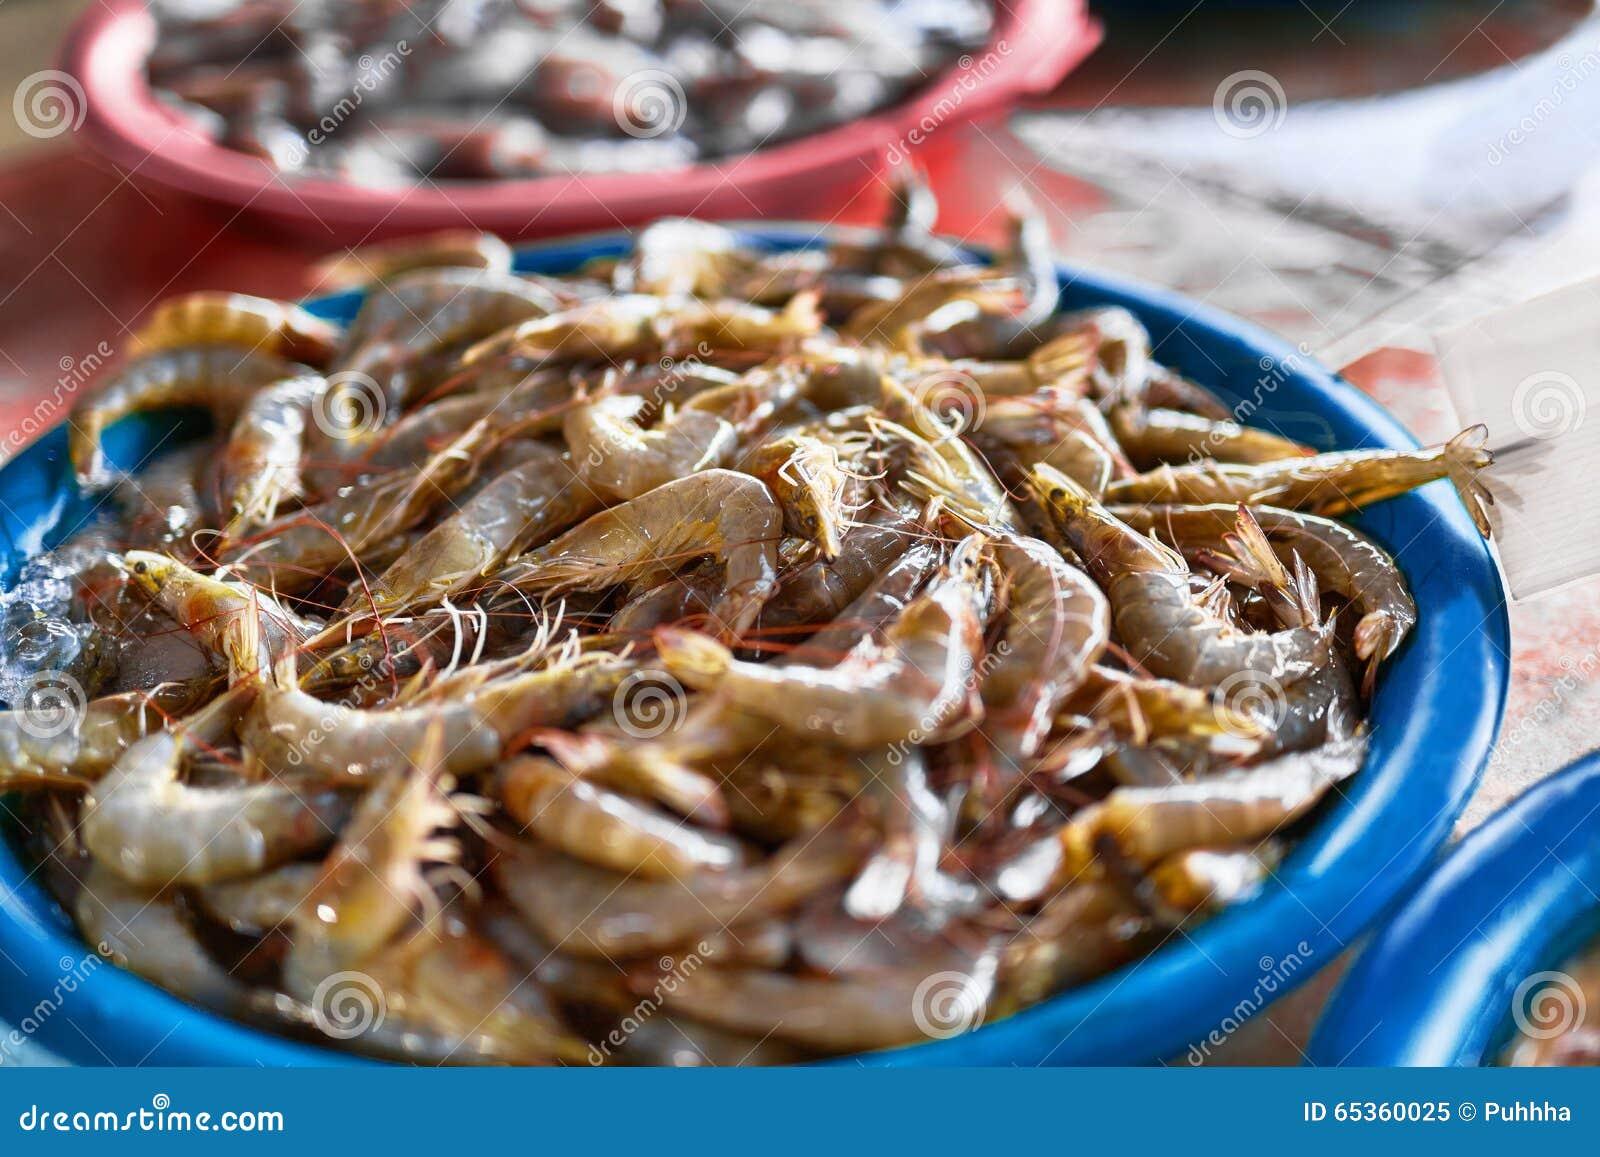 Marisco Camarões travados frescos (camarões) no mercado dos fazendeiros heal